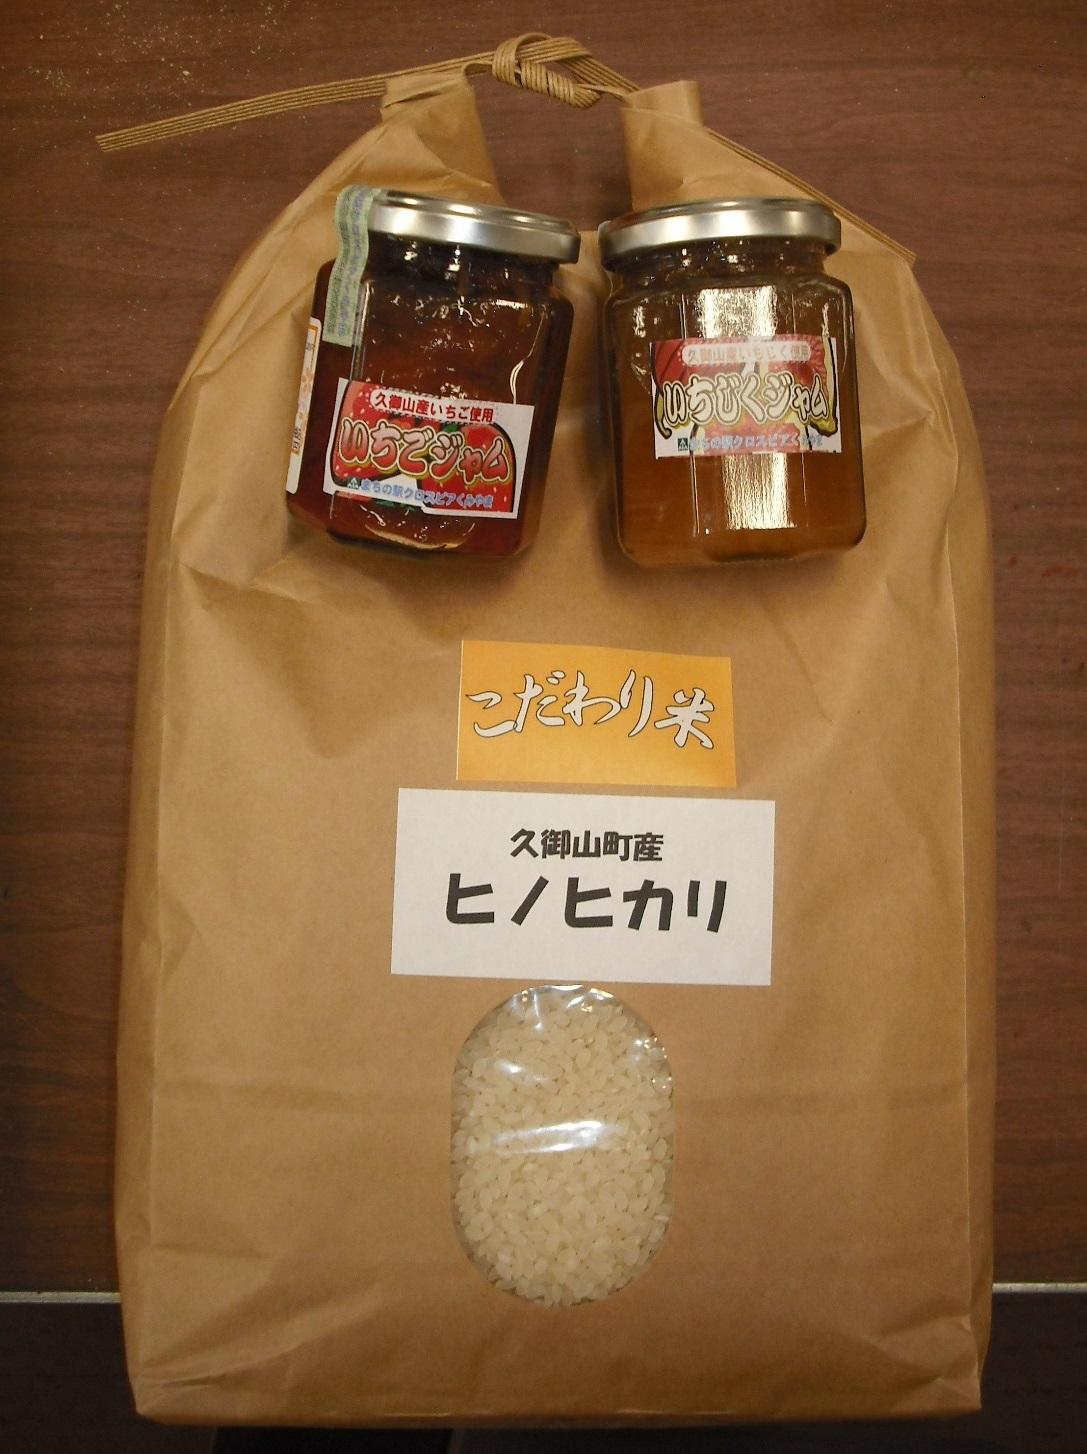 お米とジャム セットの特産品画像